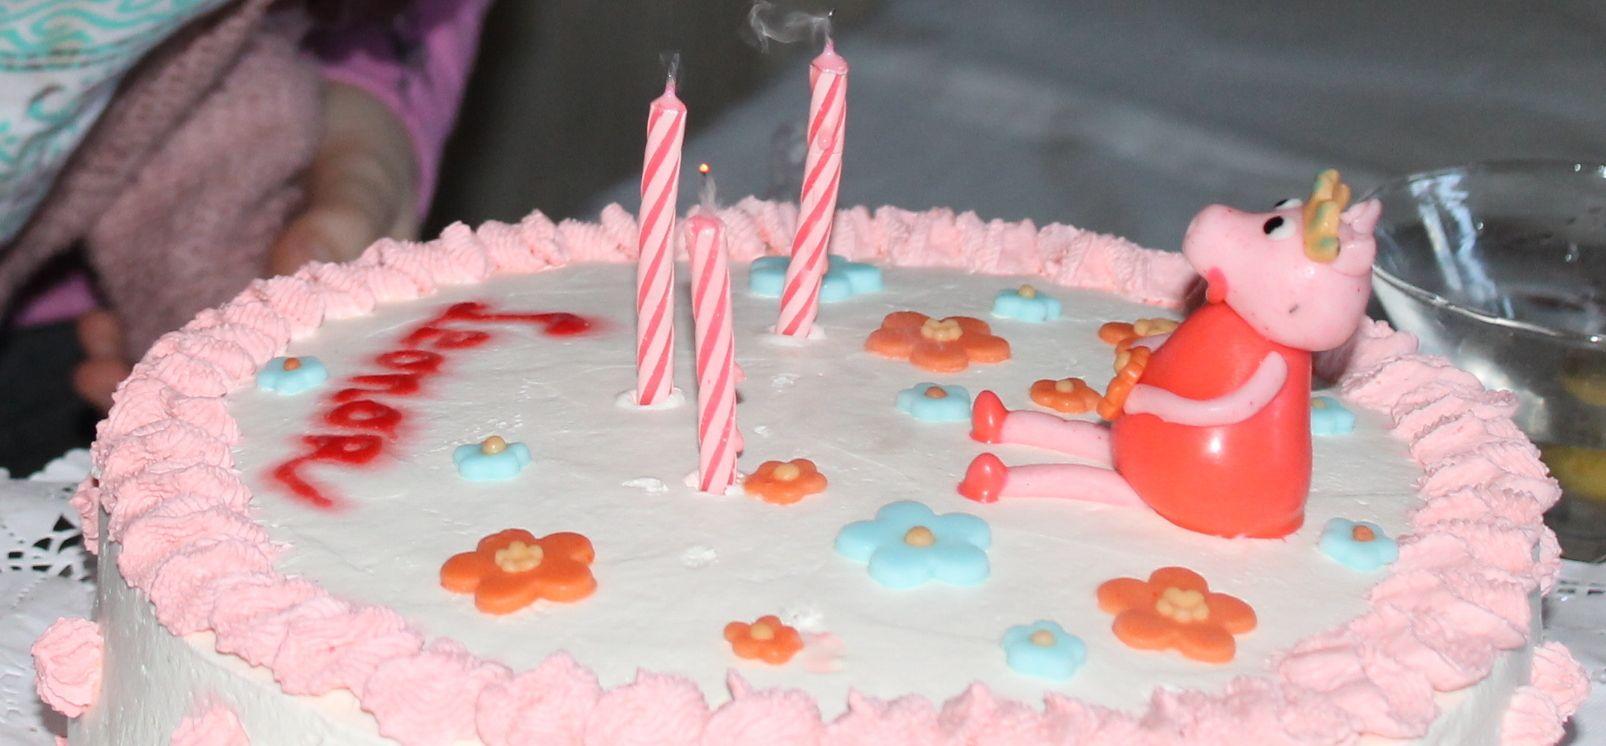 Torta casera tema Pepa Pig para niña 2 años